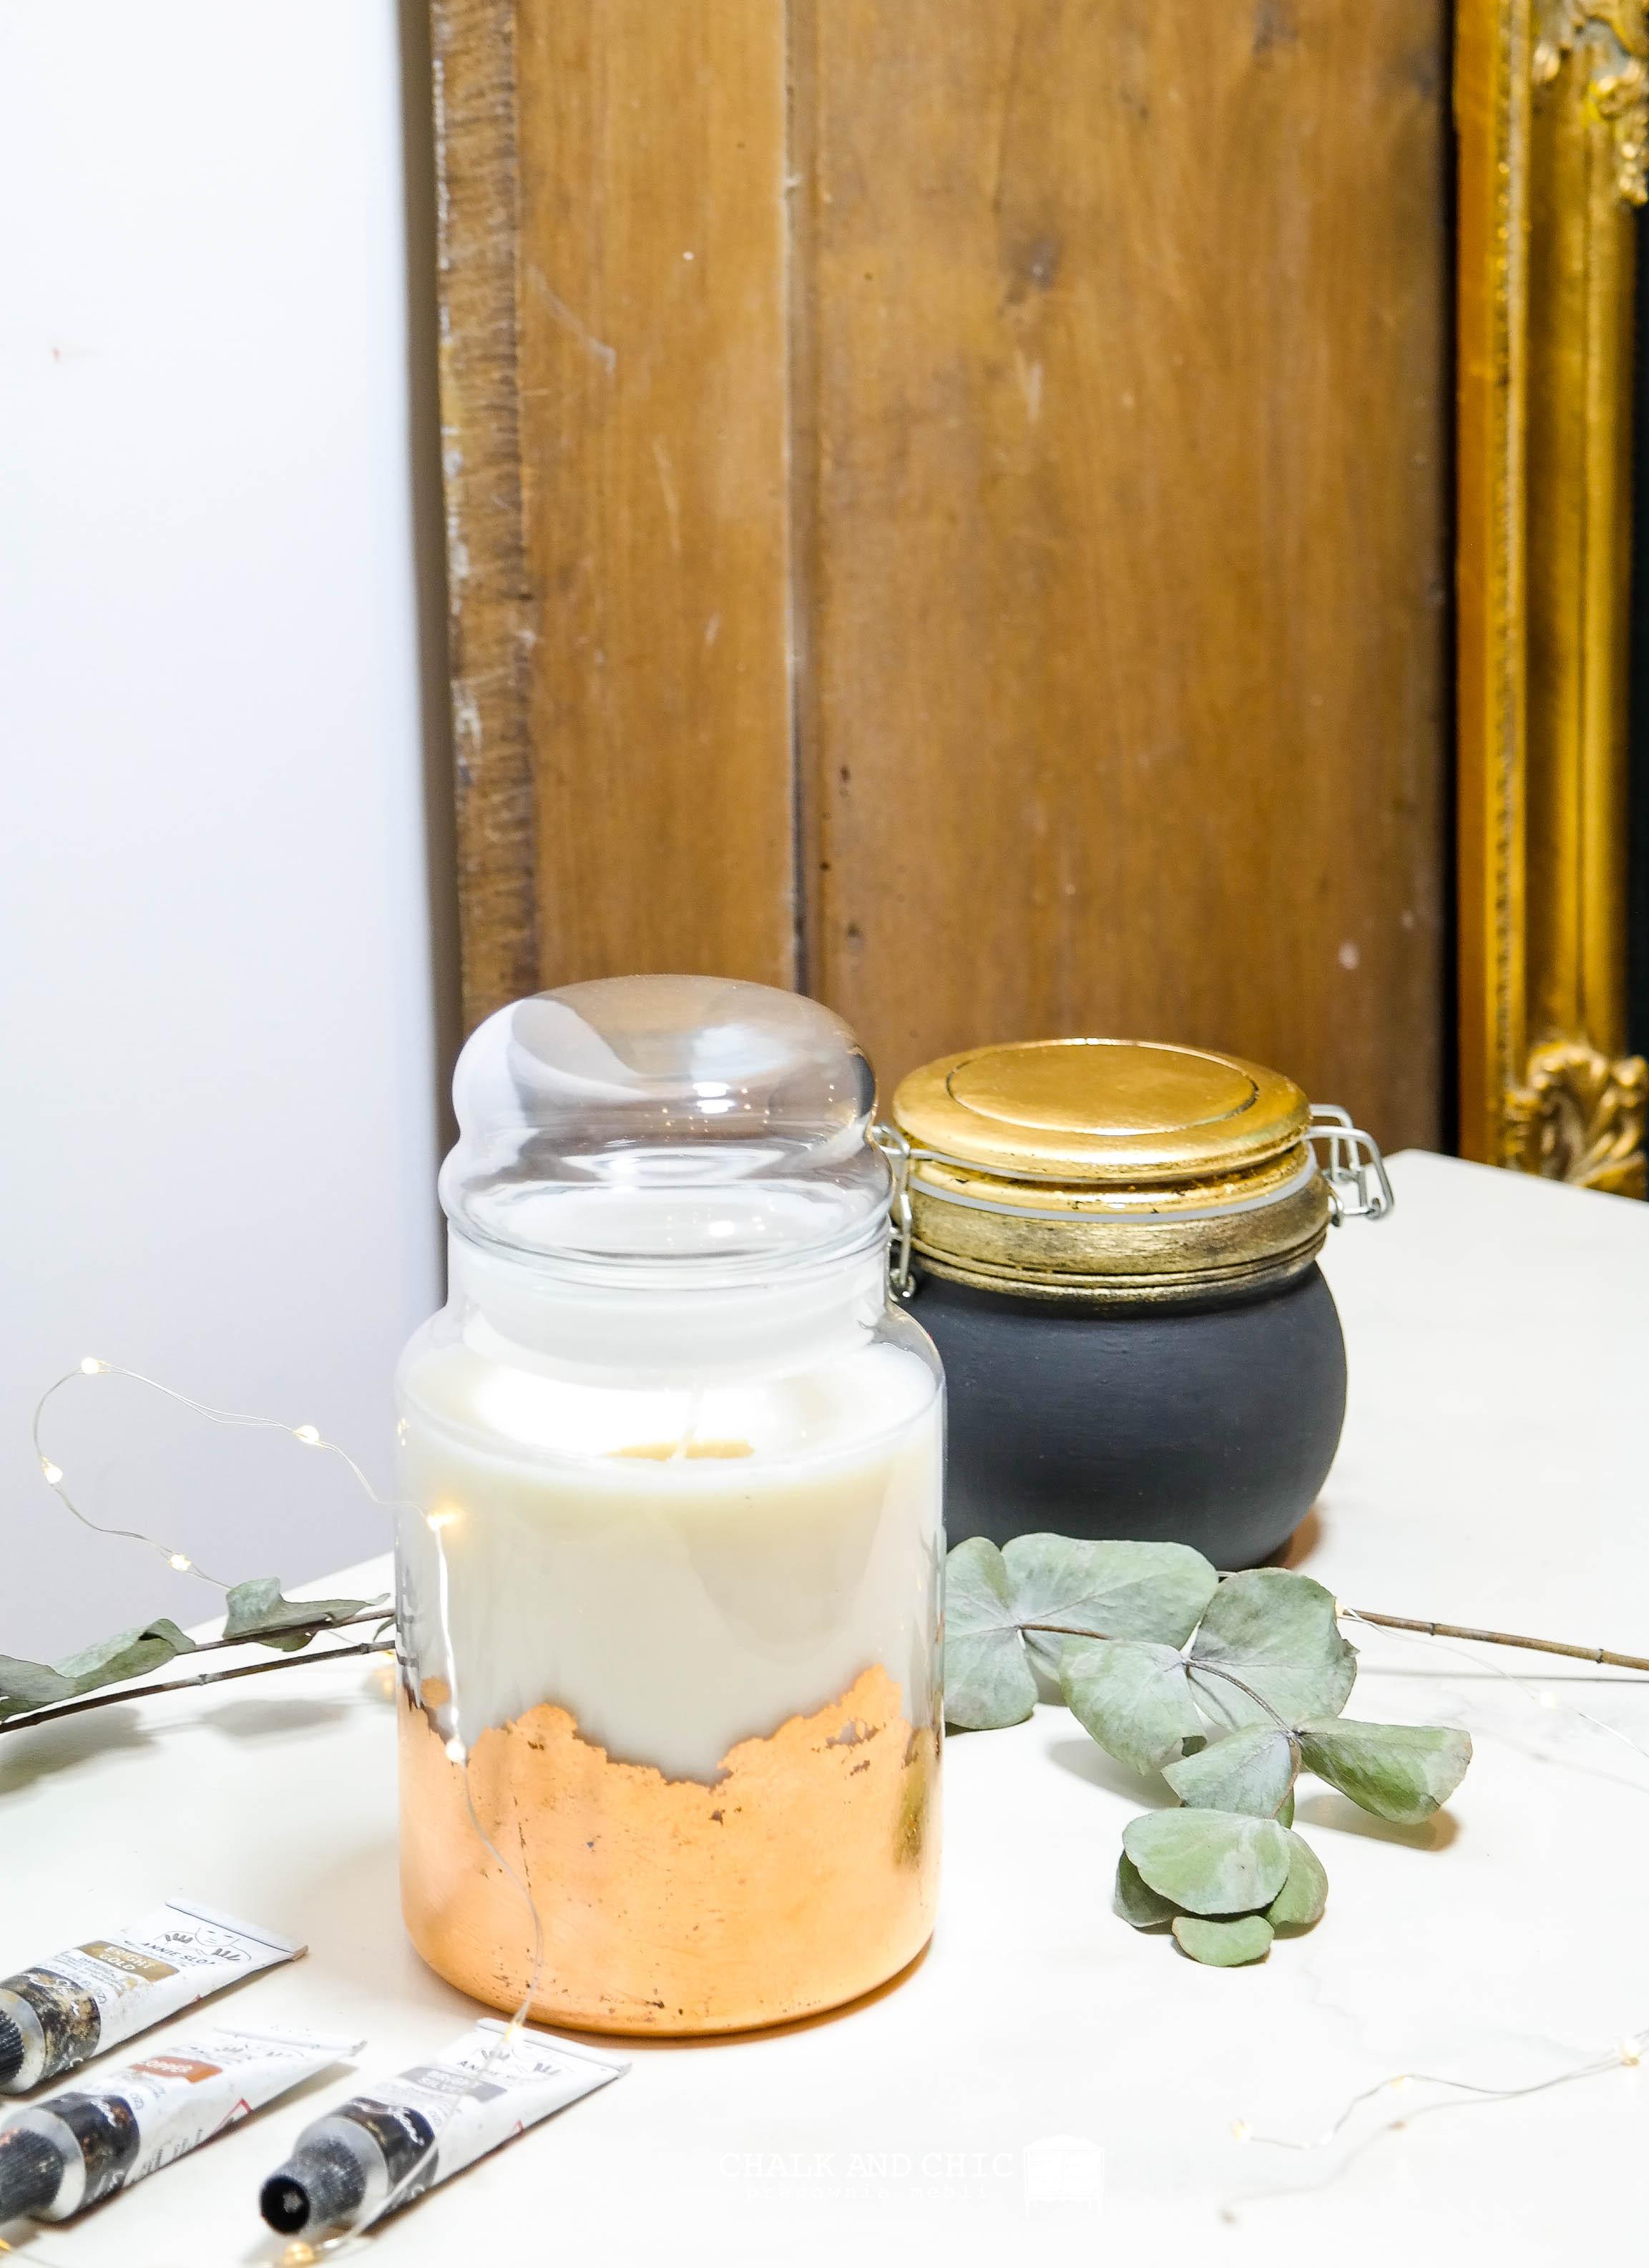 miedziana świeczka w słoiku